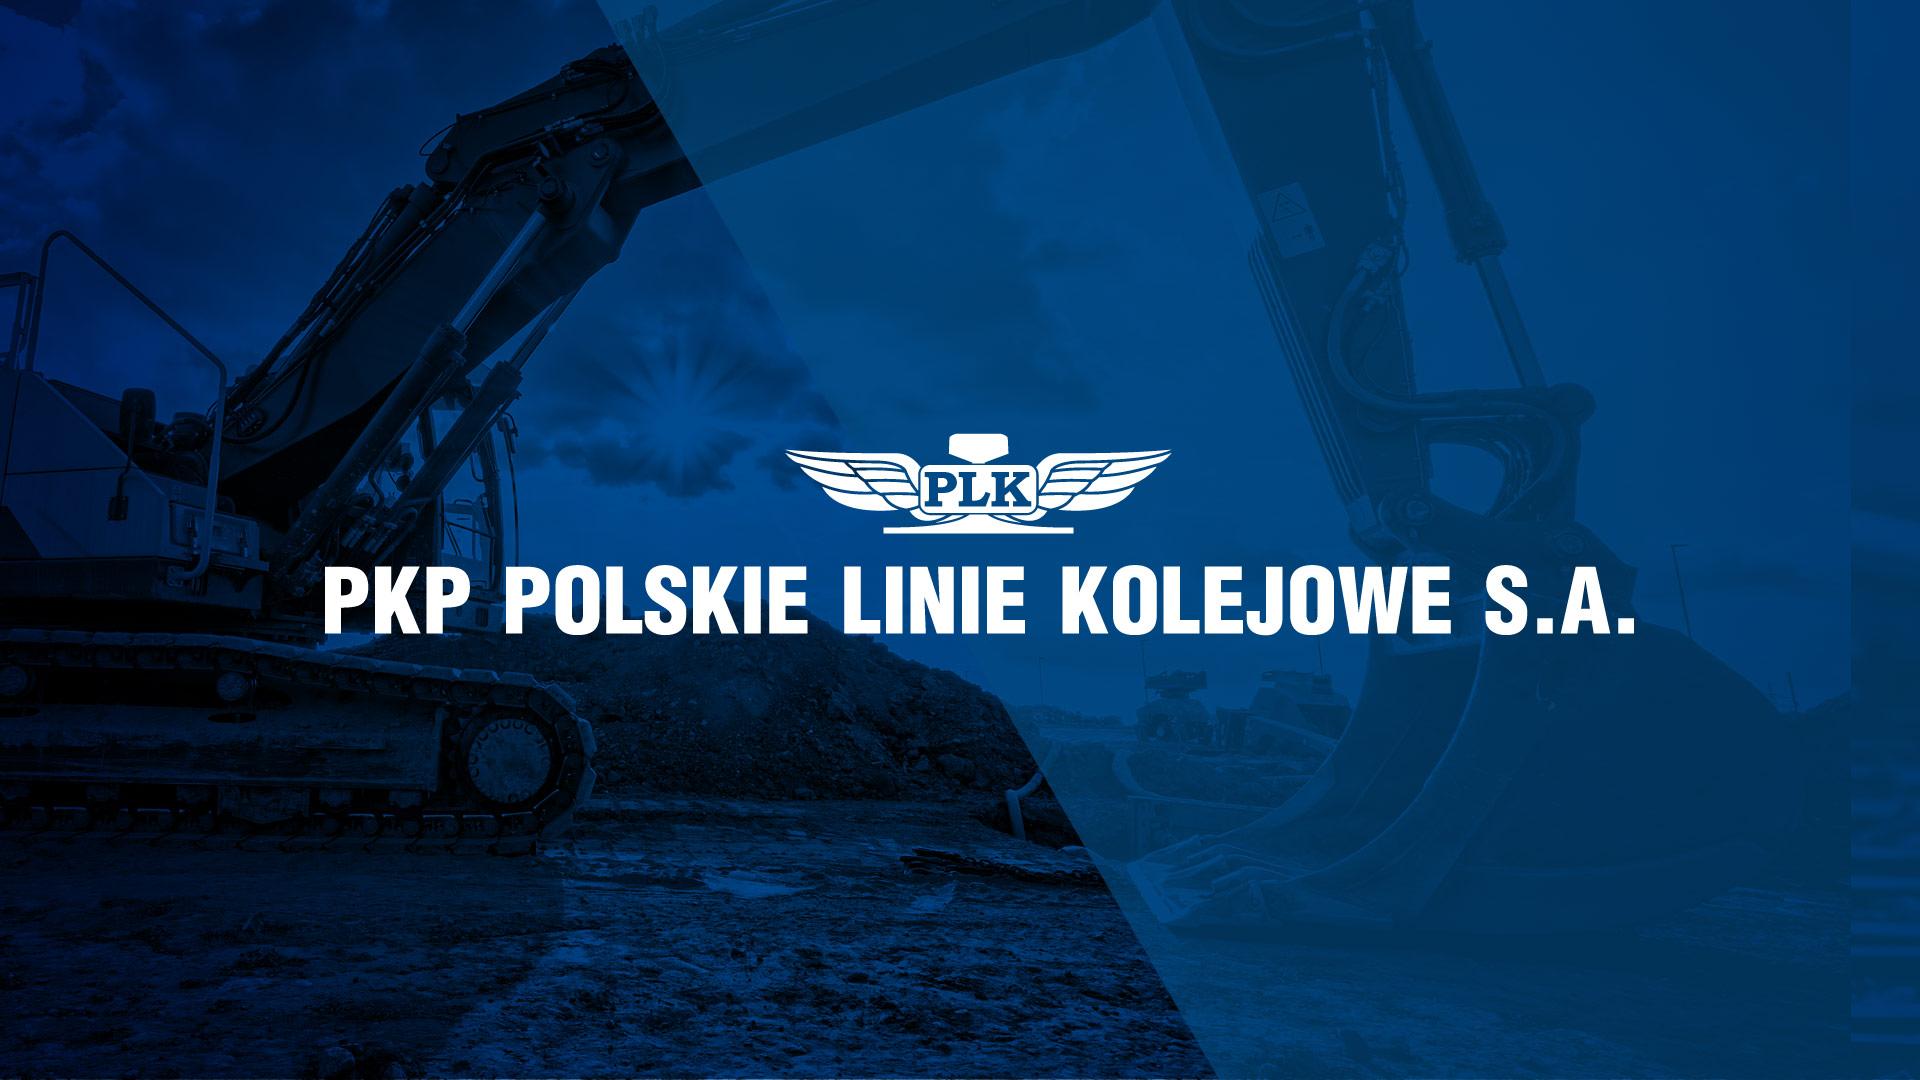 Obrazek: Logotyp PKP PLK na granatowym tle.